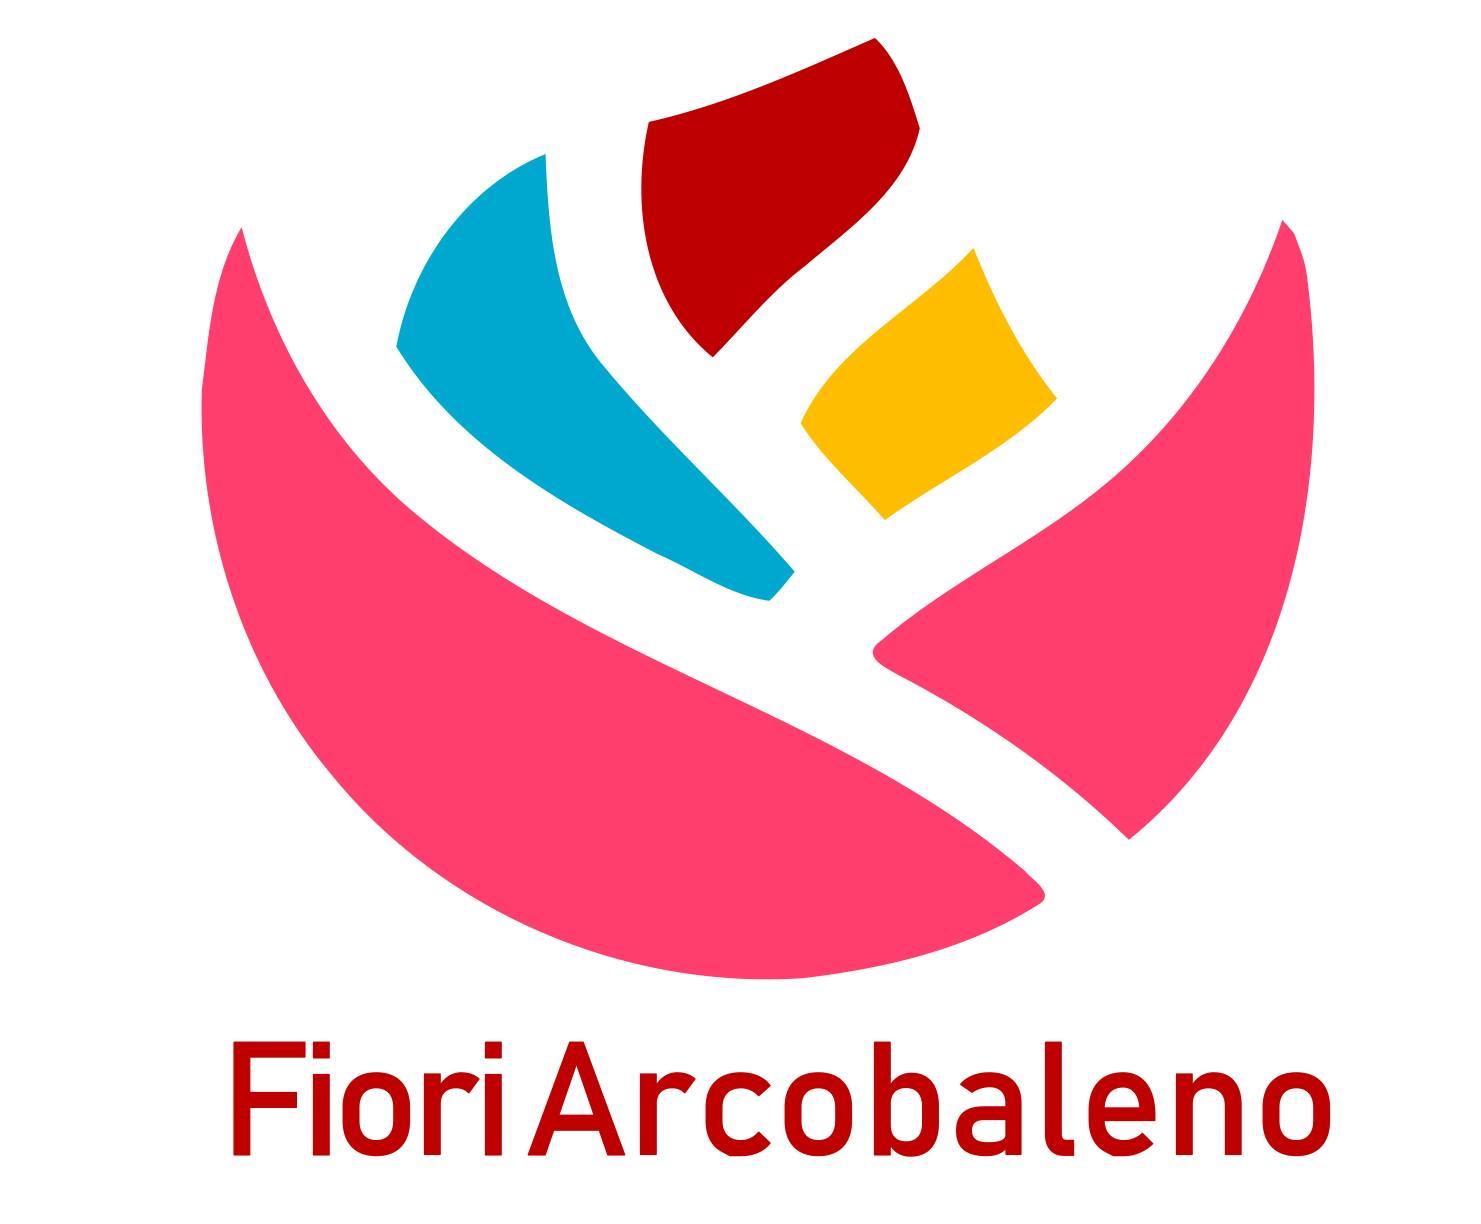 Fiori Arcobaleno: una nuova collana editoriale per dar voce alla comunità LGBTQI